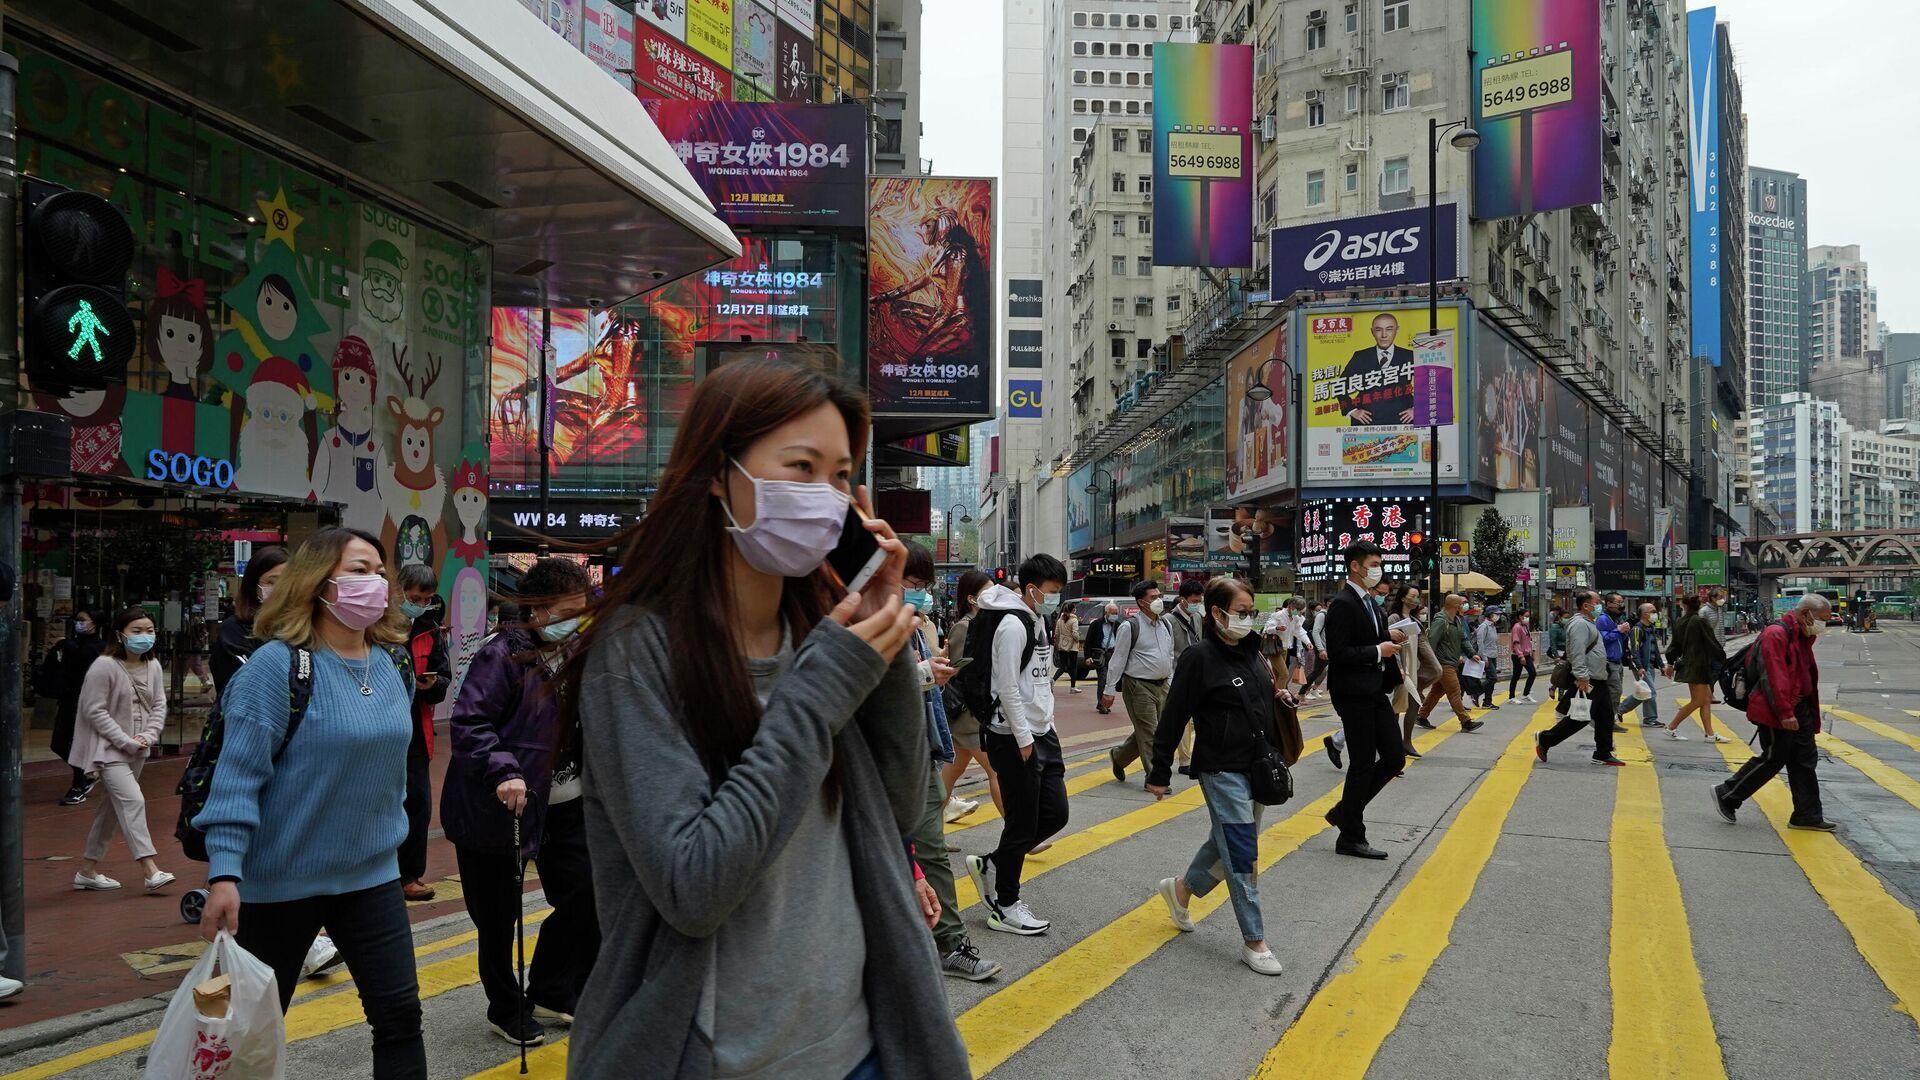 Люди в масках на улице в Гонконге - РИА Новости, 1920, 27.09.2021